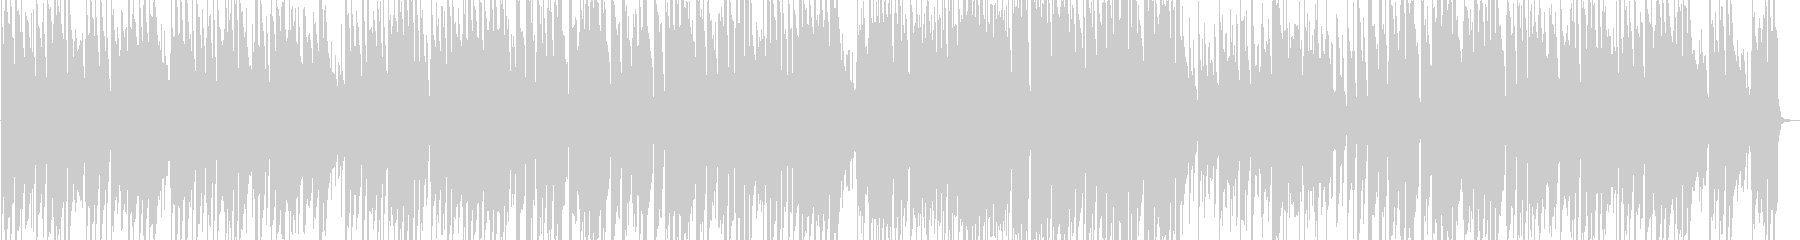 クラシックのジャズアレンジの未再生の波形